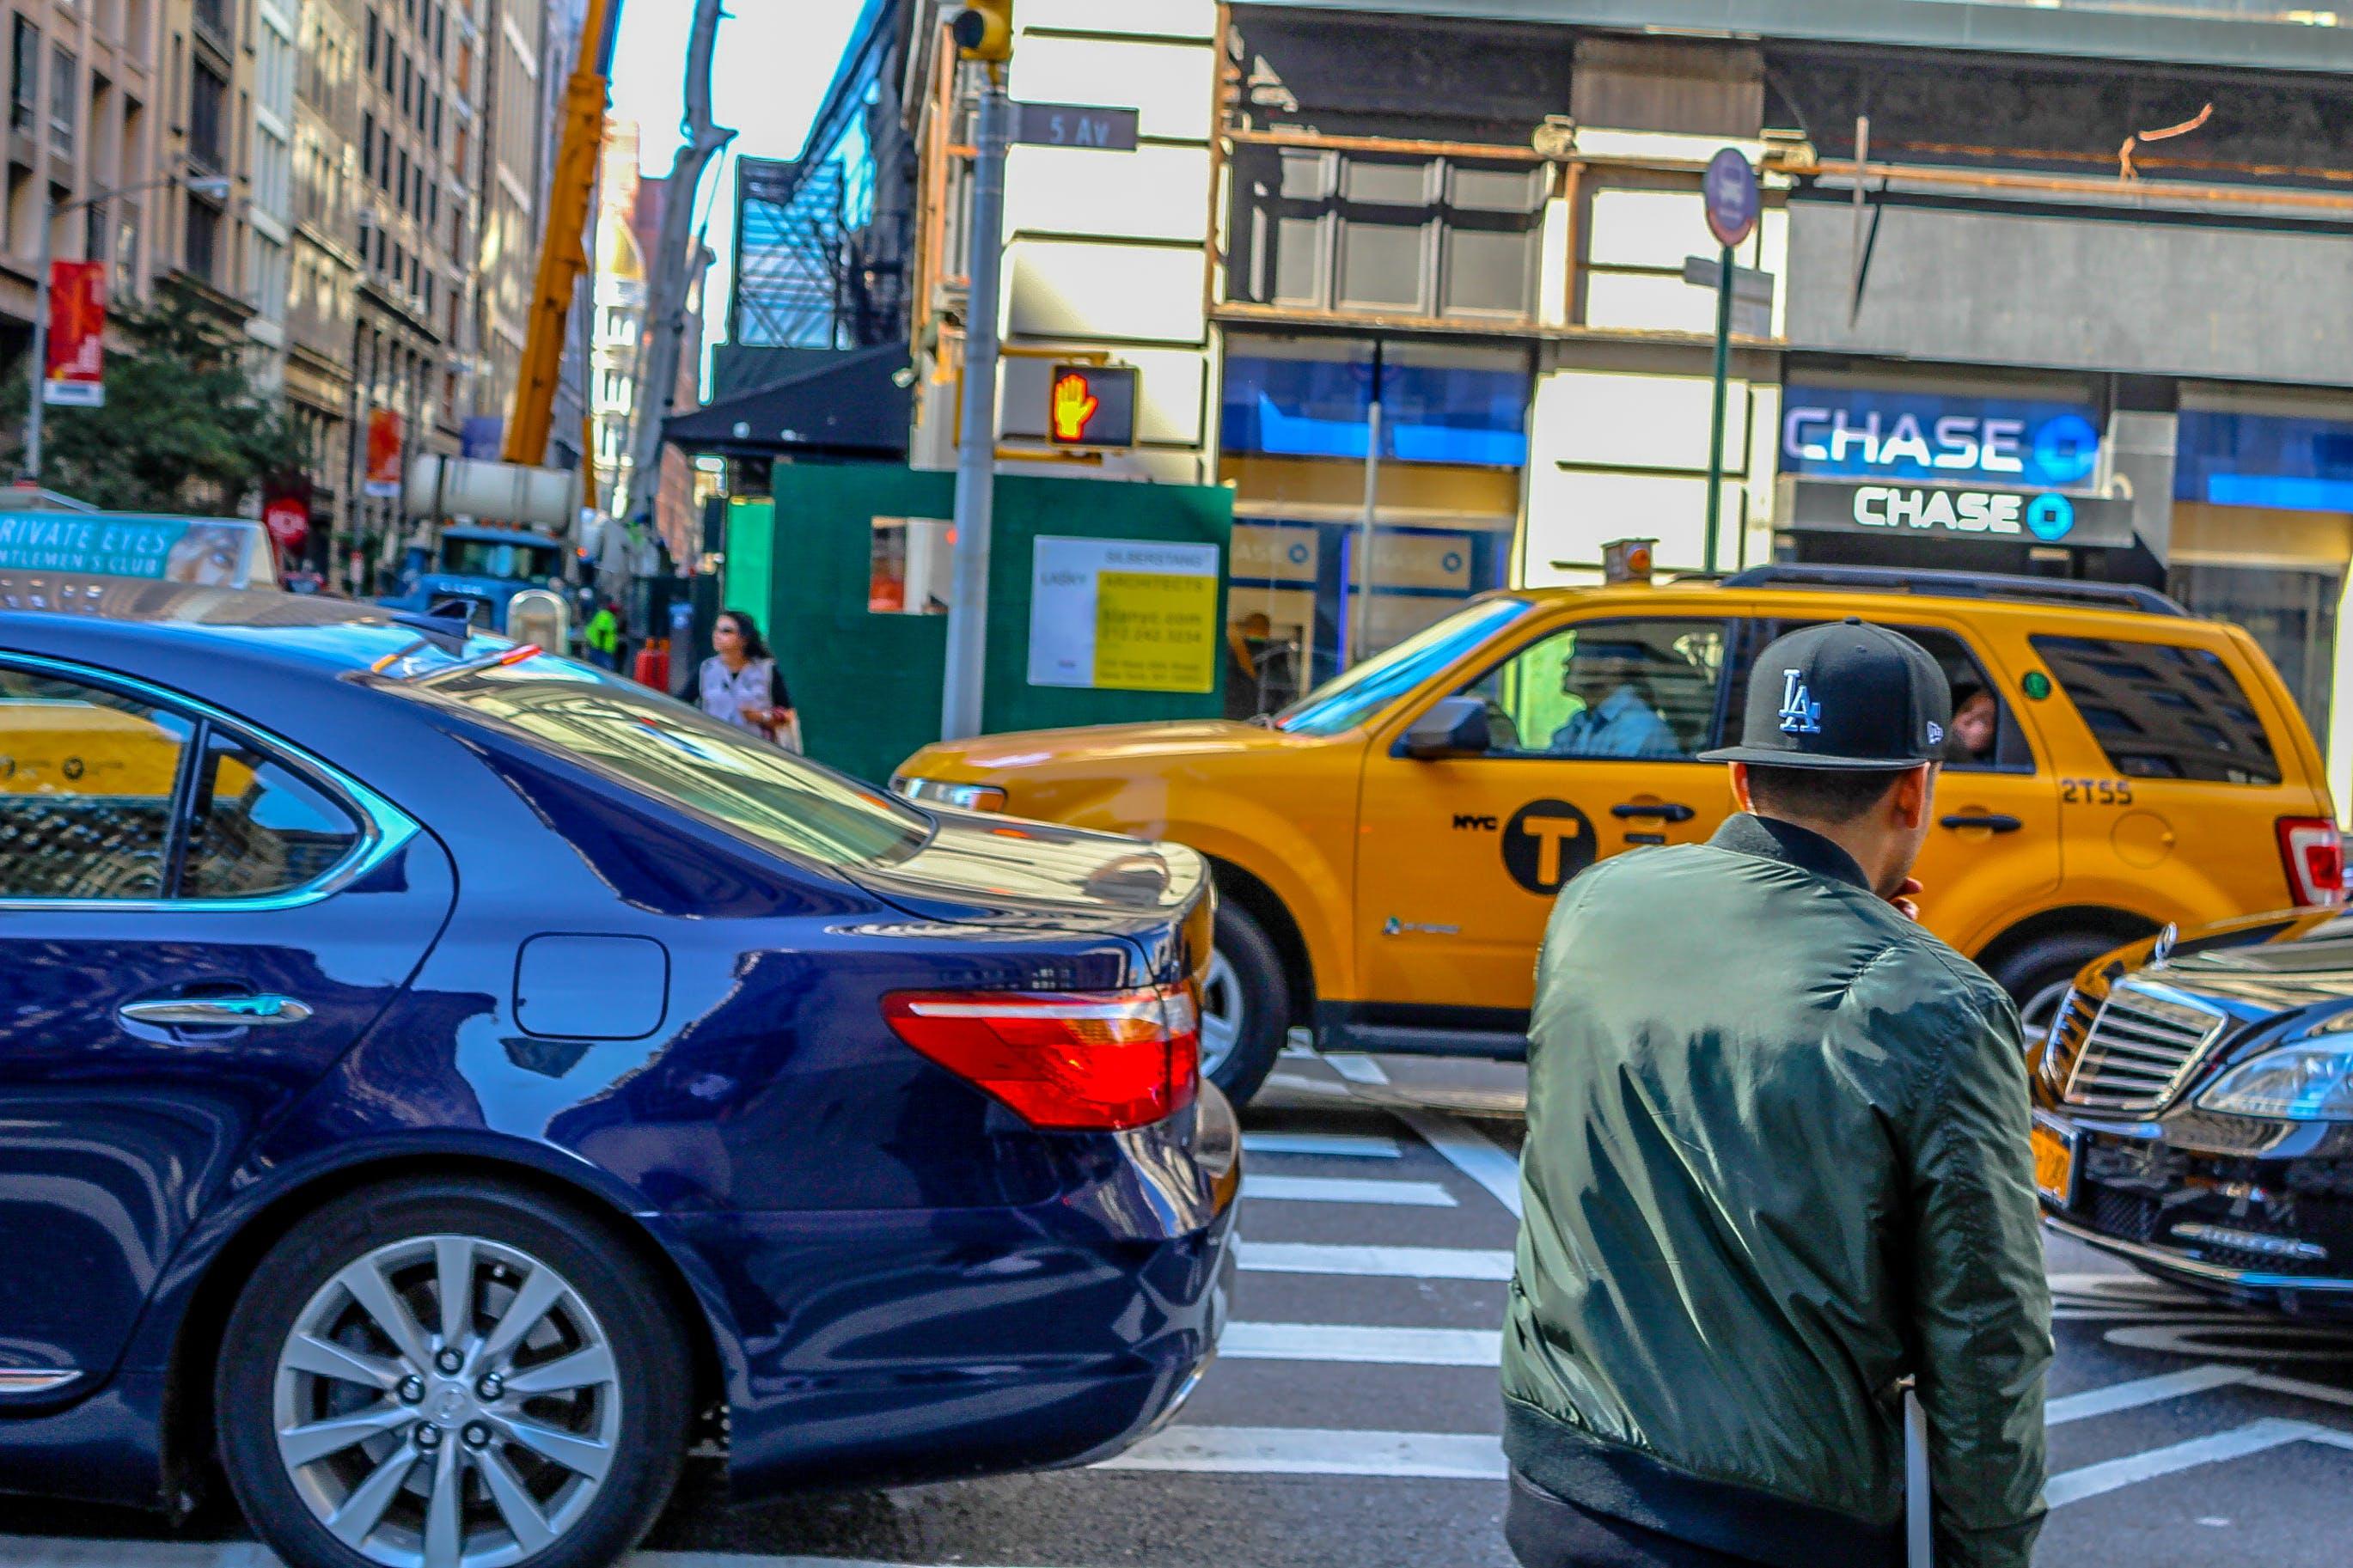 Kostnadsfri bild av bilar, gående, gata, korsning